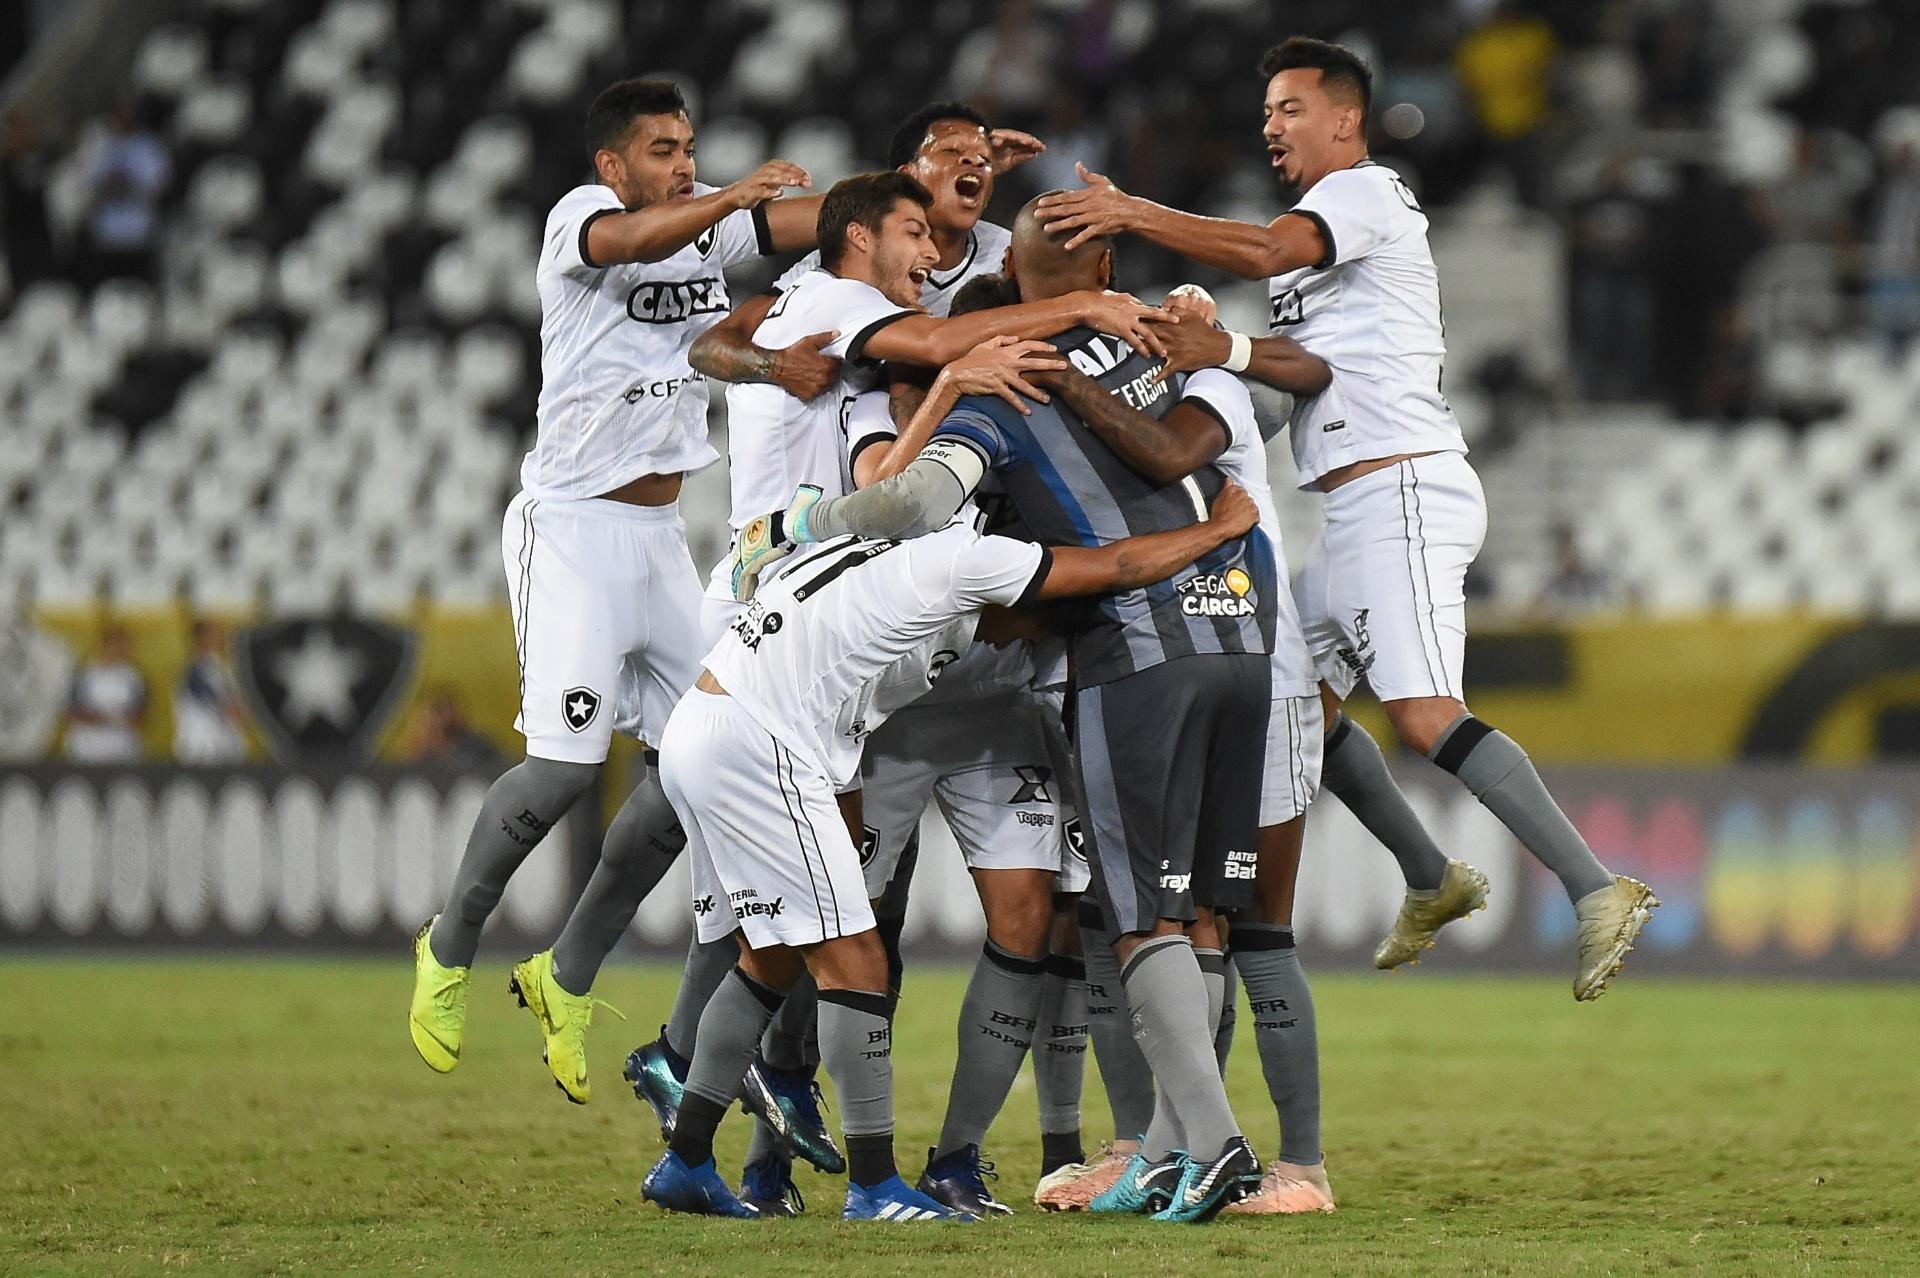 Botafogo vence Paraná na despedida de Jefferson com dois de Erik -  26 11 2018 - UOL Esporte 3d7aee2d8911f